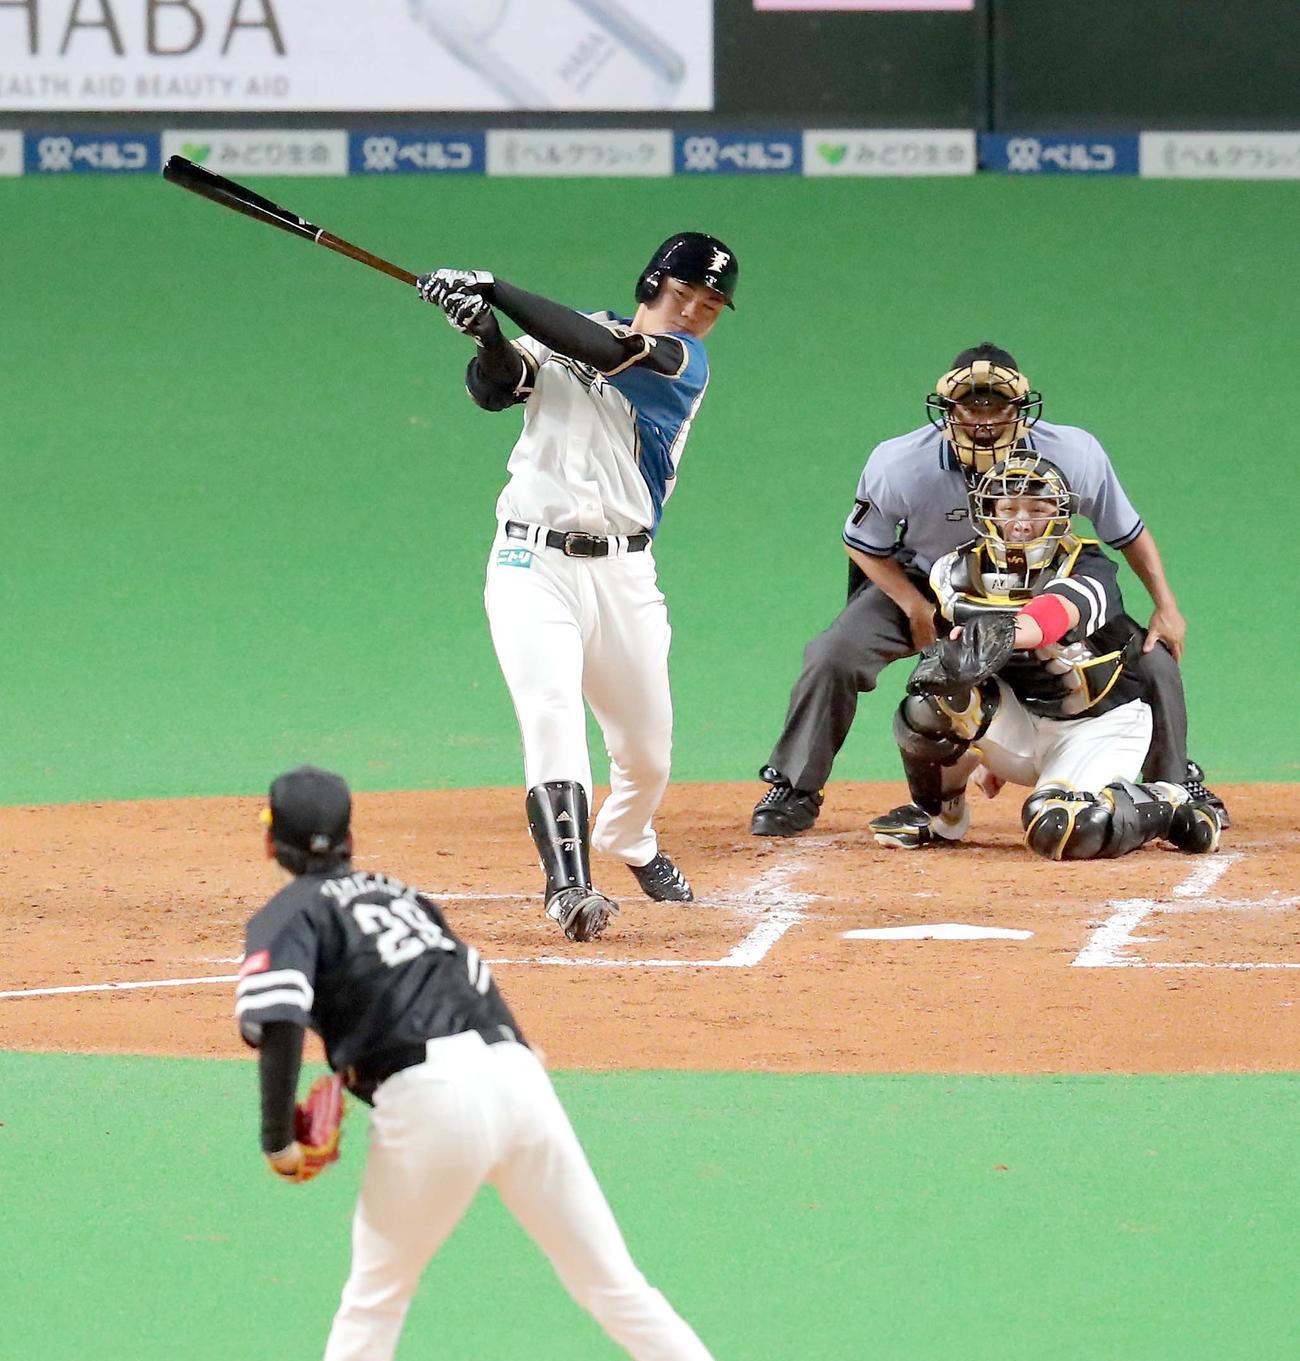 日本ハム対ソフトバンク 2回裏日本ハム1死、清宮は二塁打を放つ(撮影・佐藤翔太)